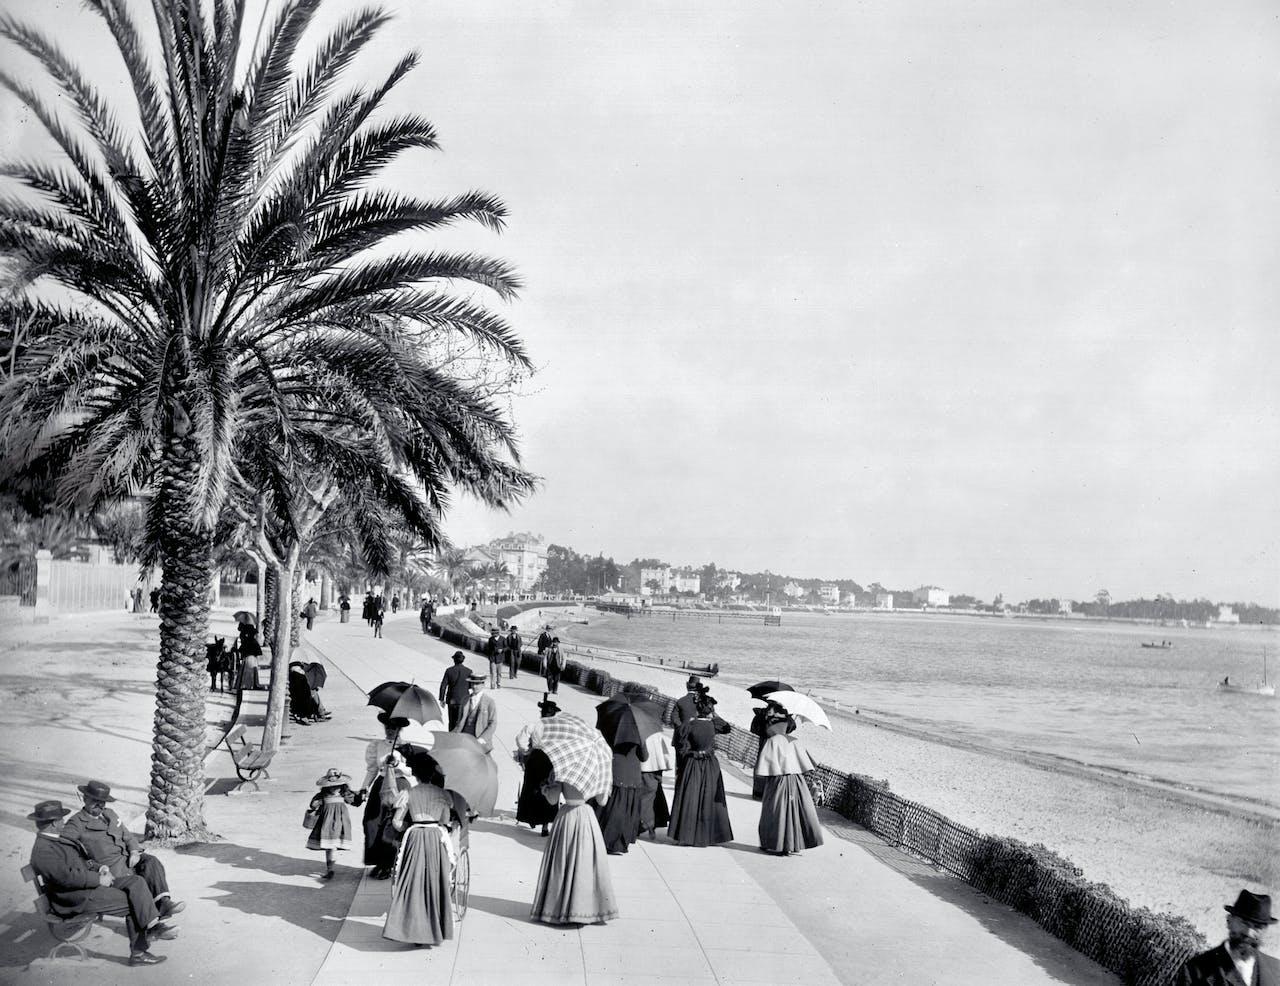 Flaneren over de Promenade de la Croisette in Cannes, ca. 1880.